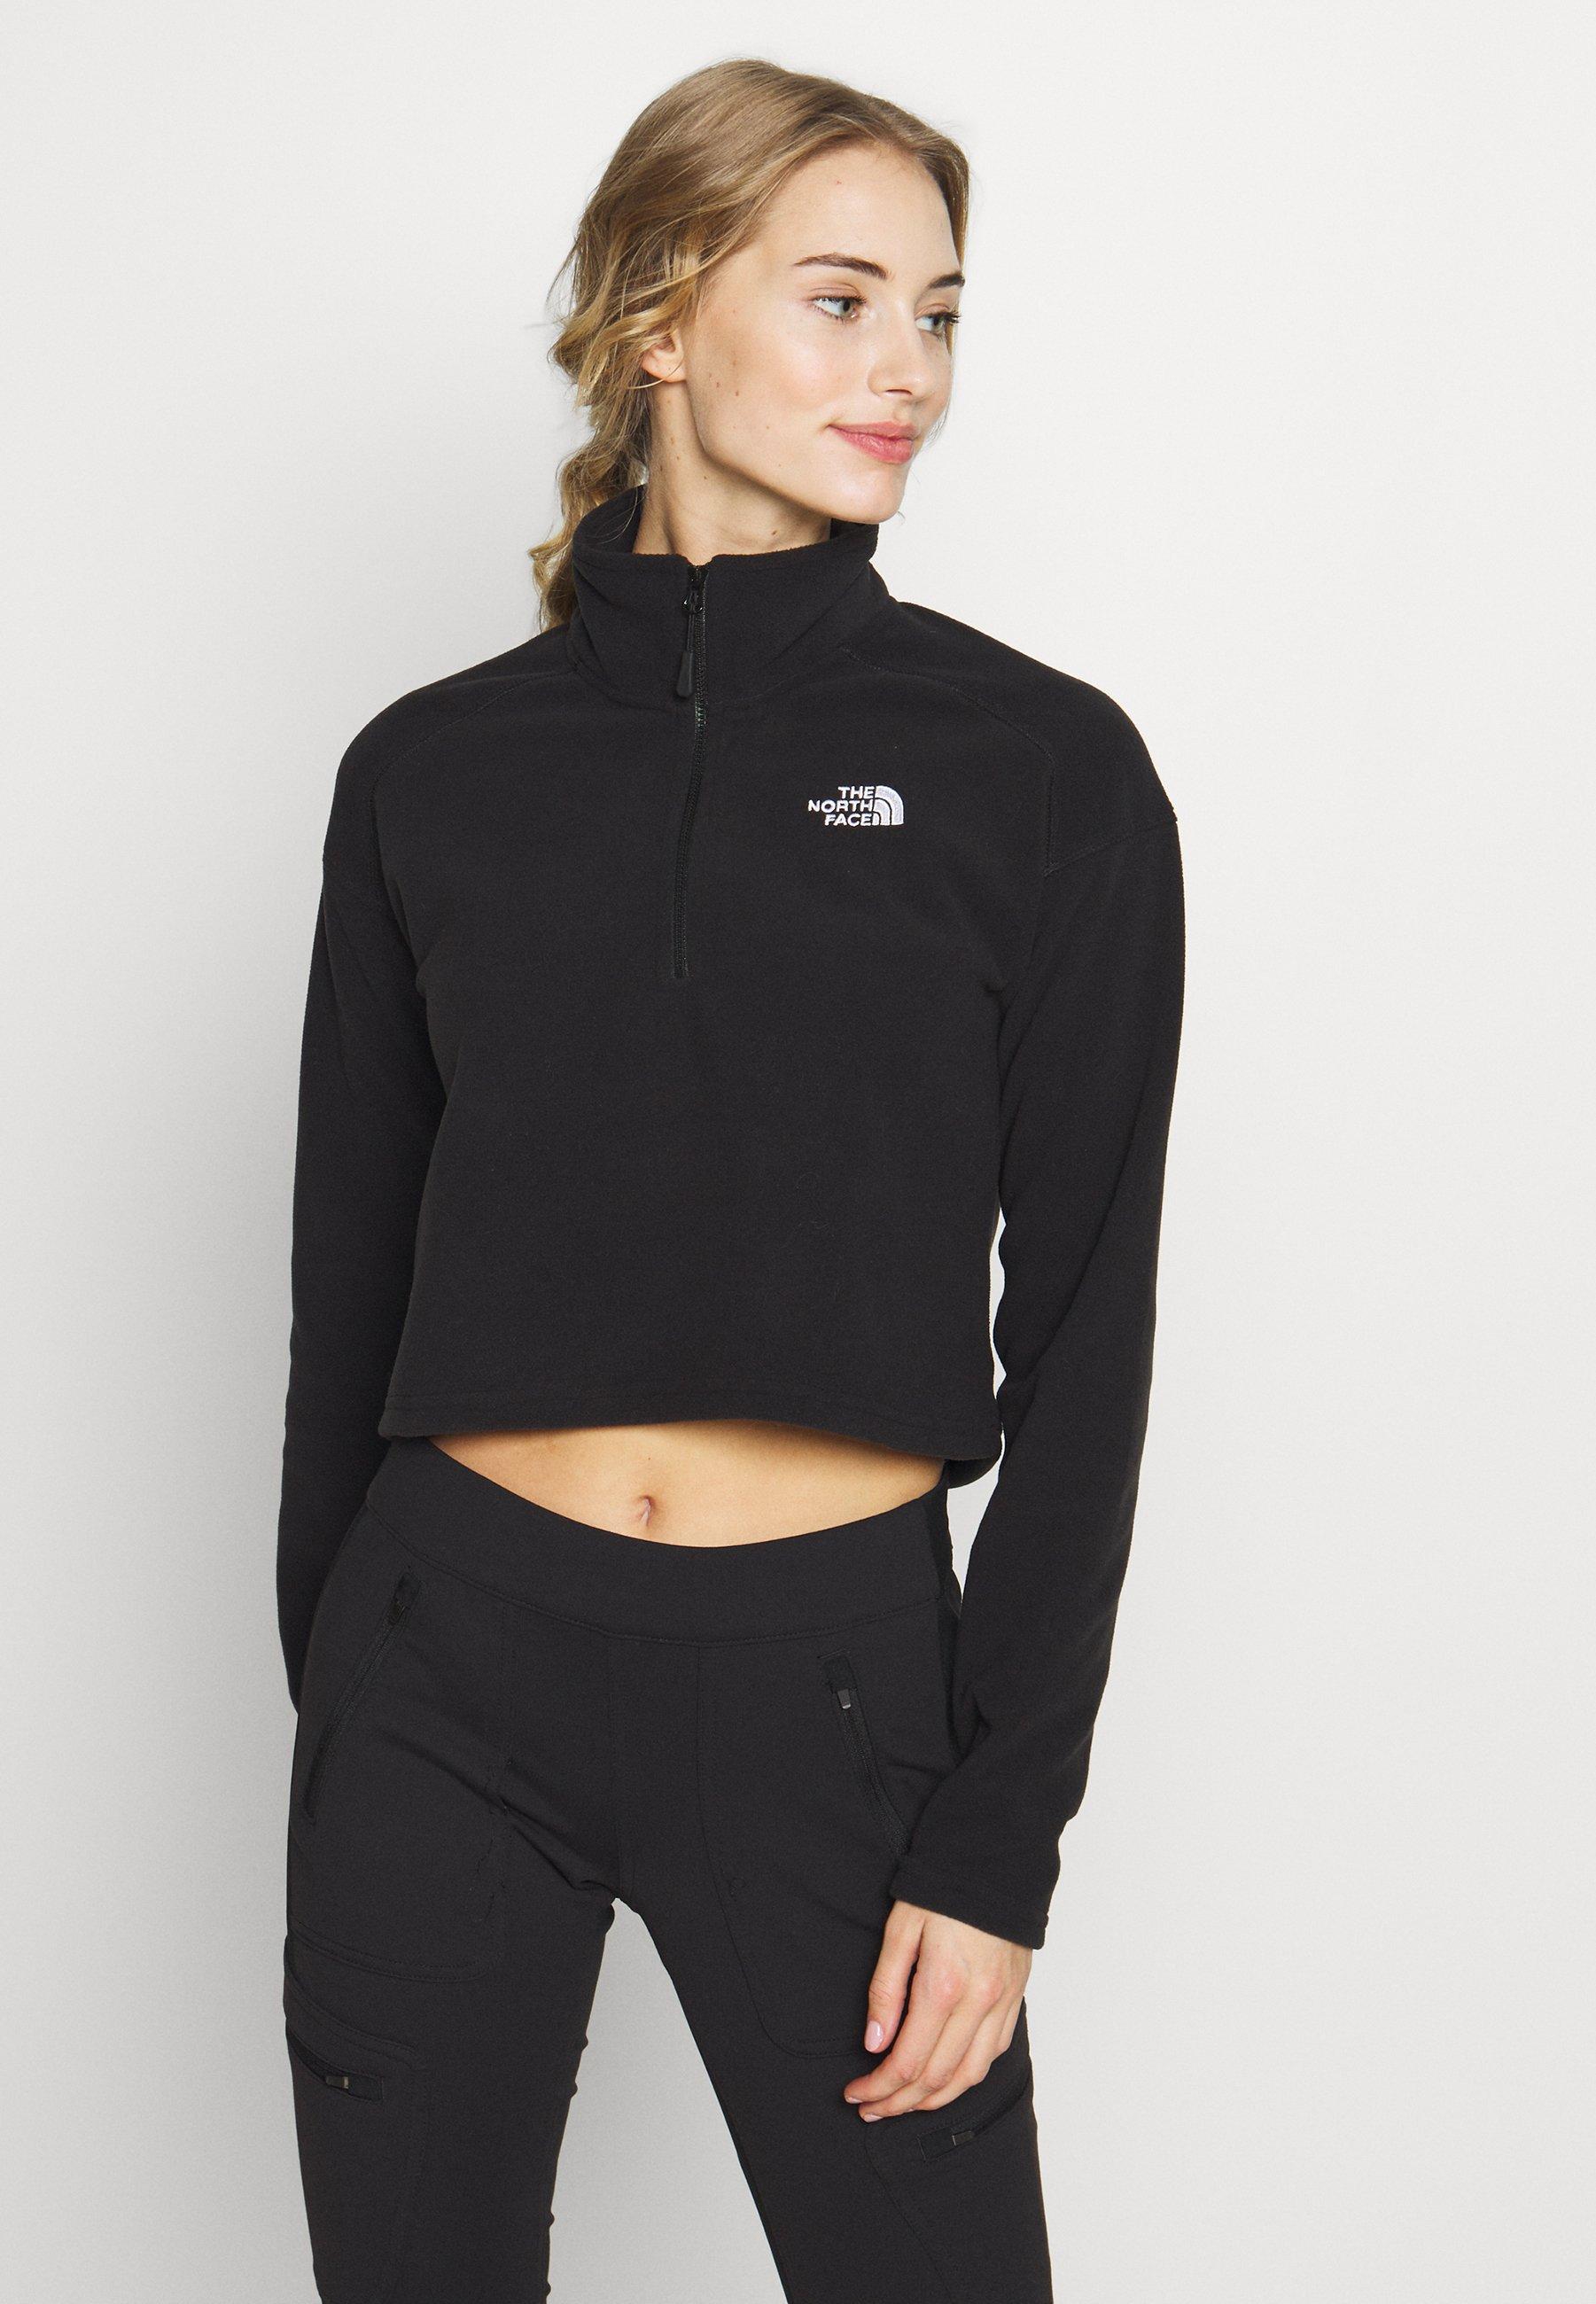 Femme GLACIER CROPPED ZIP - Sweat polaire